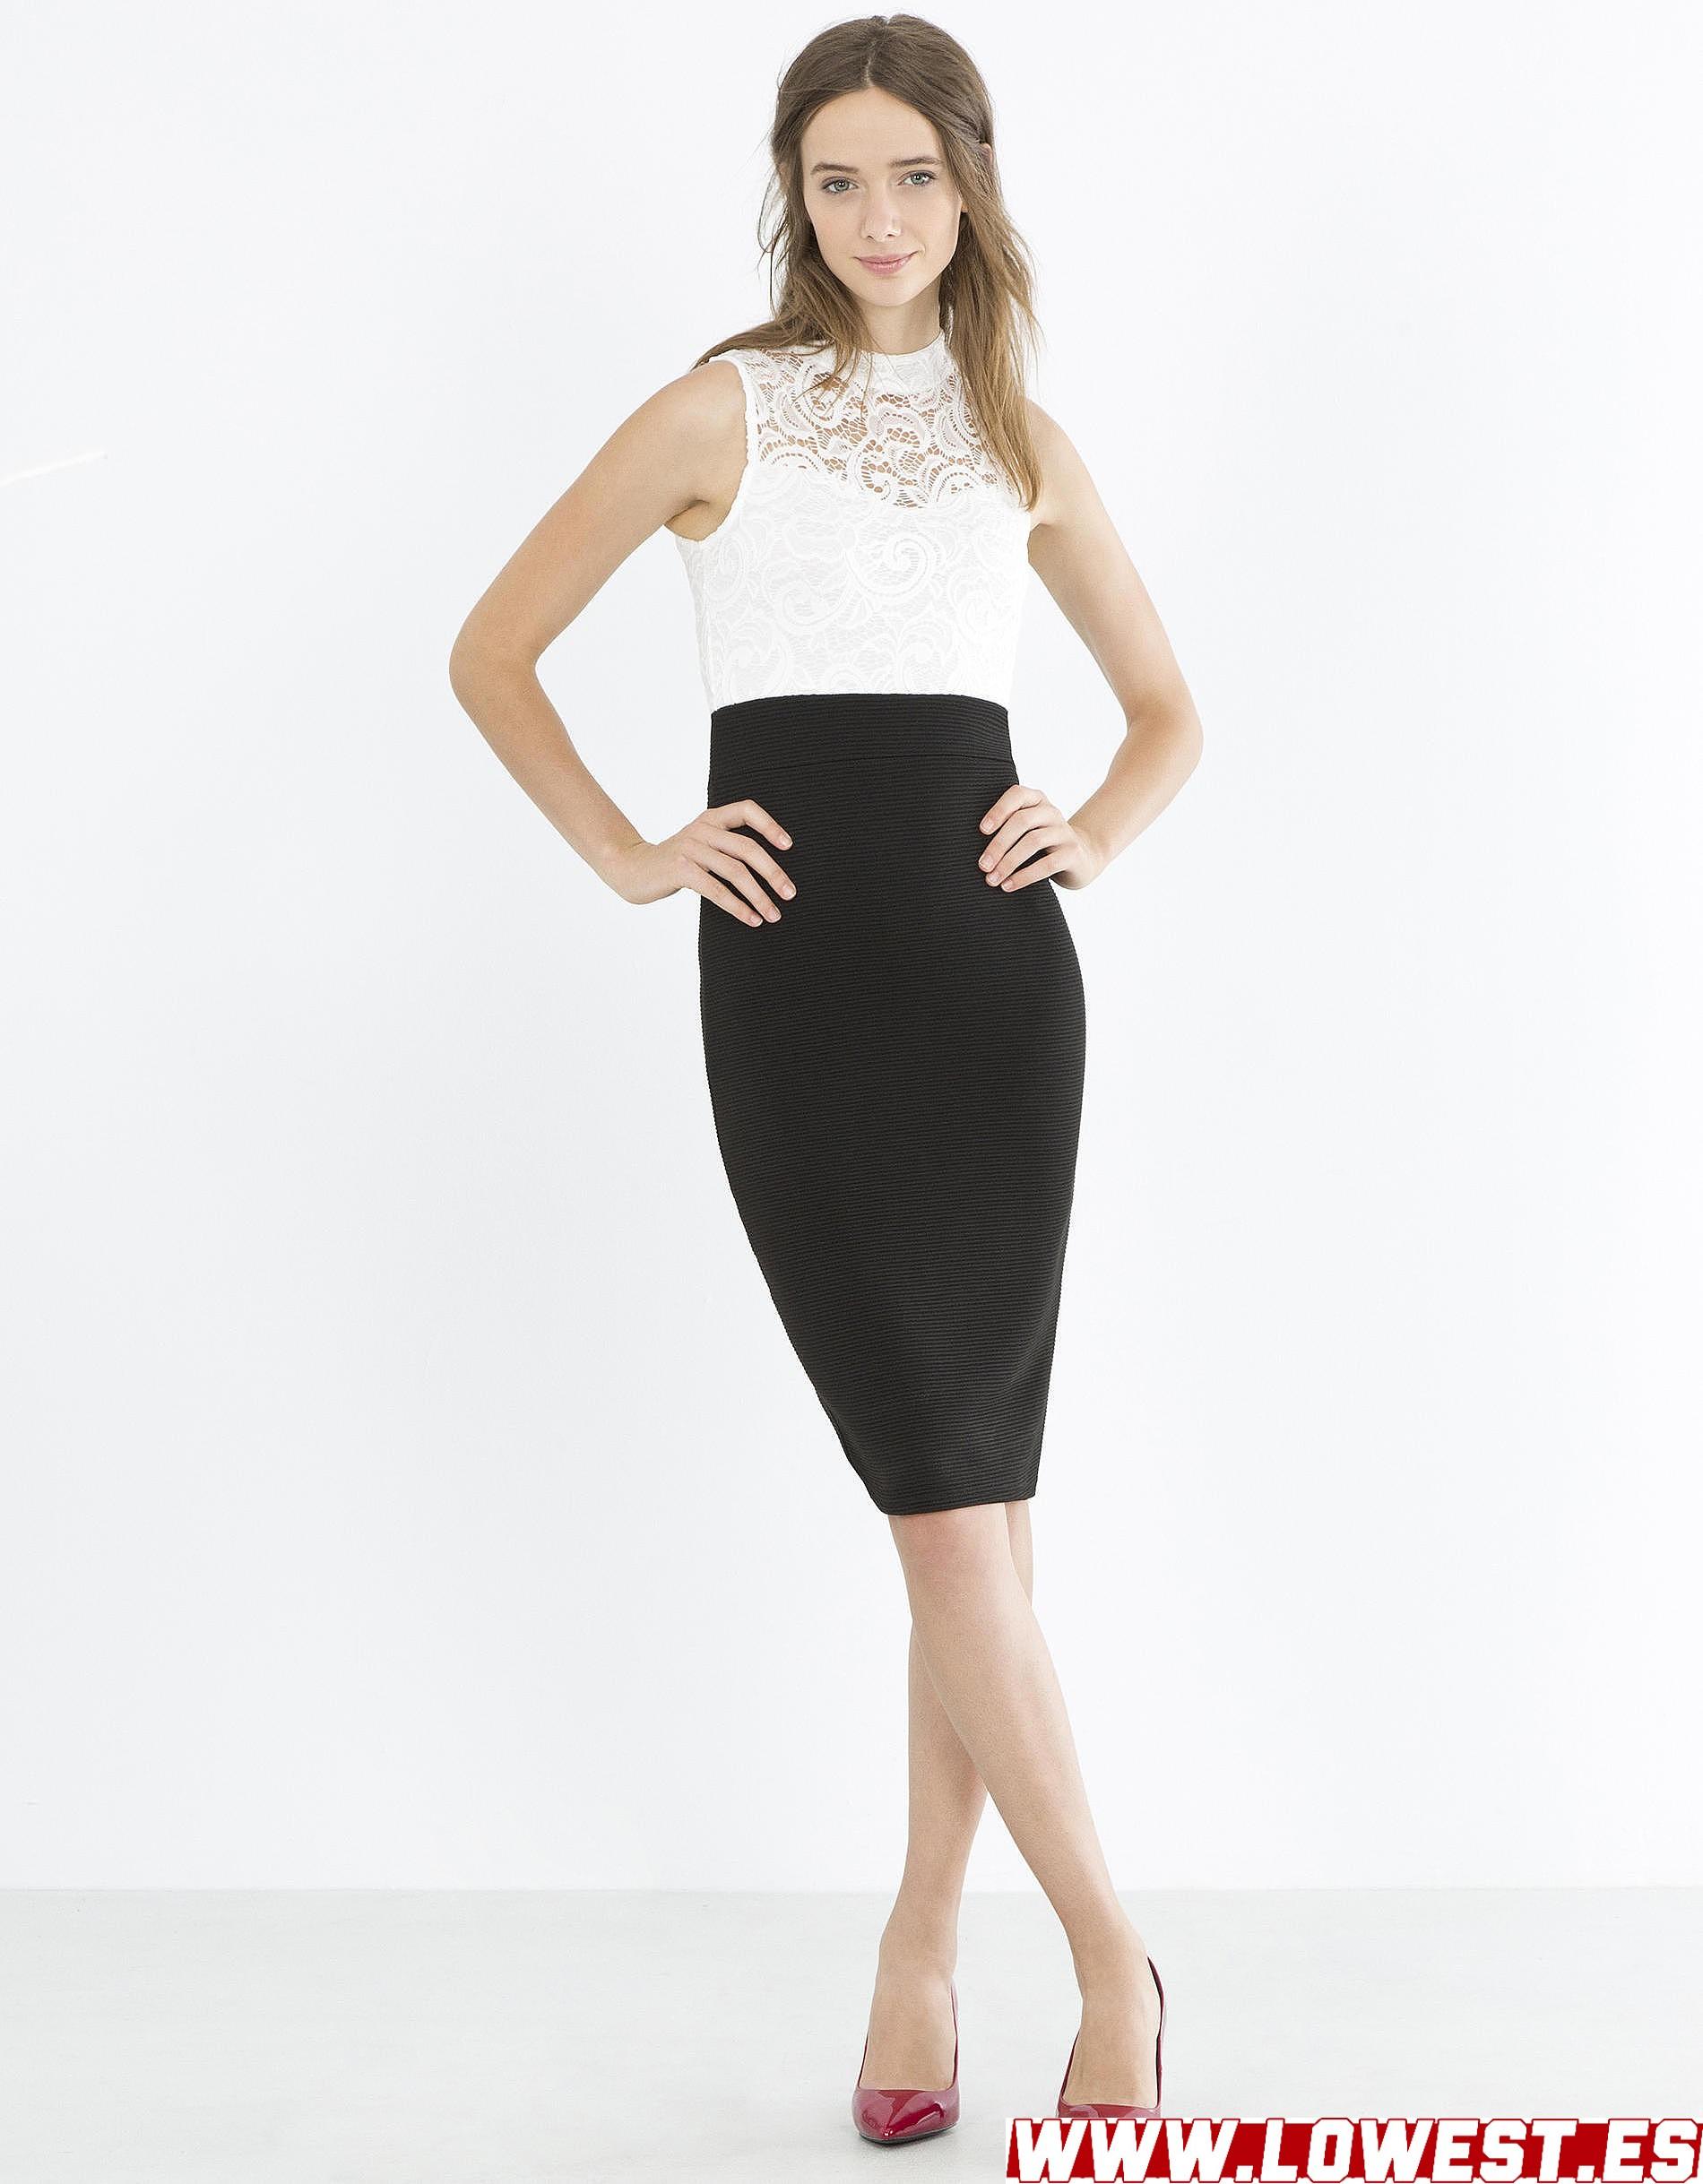 blogueras de moda mas sexy 2019 2020